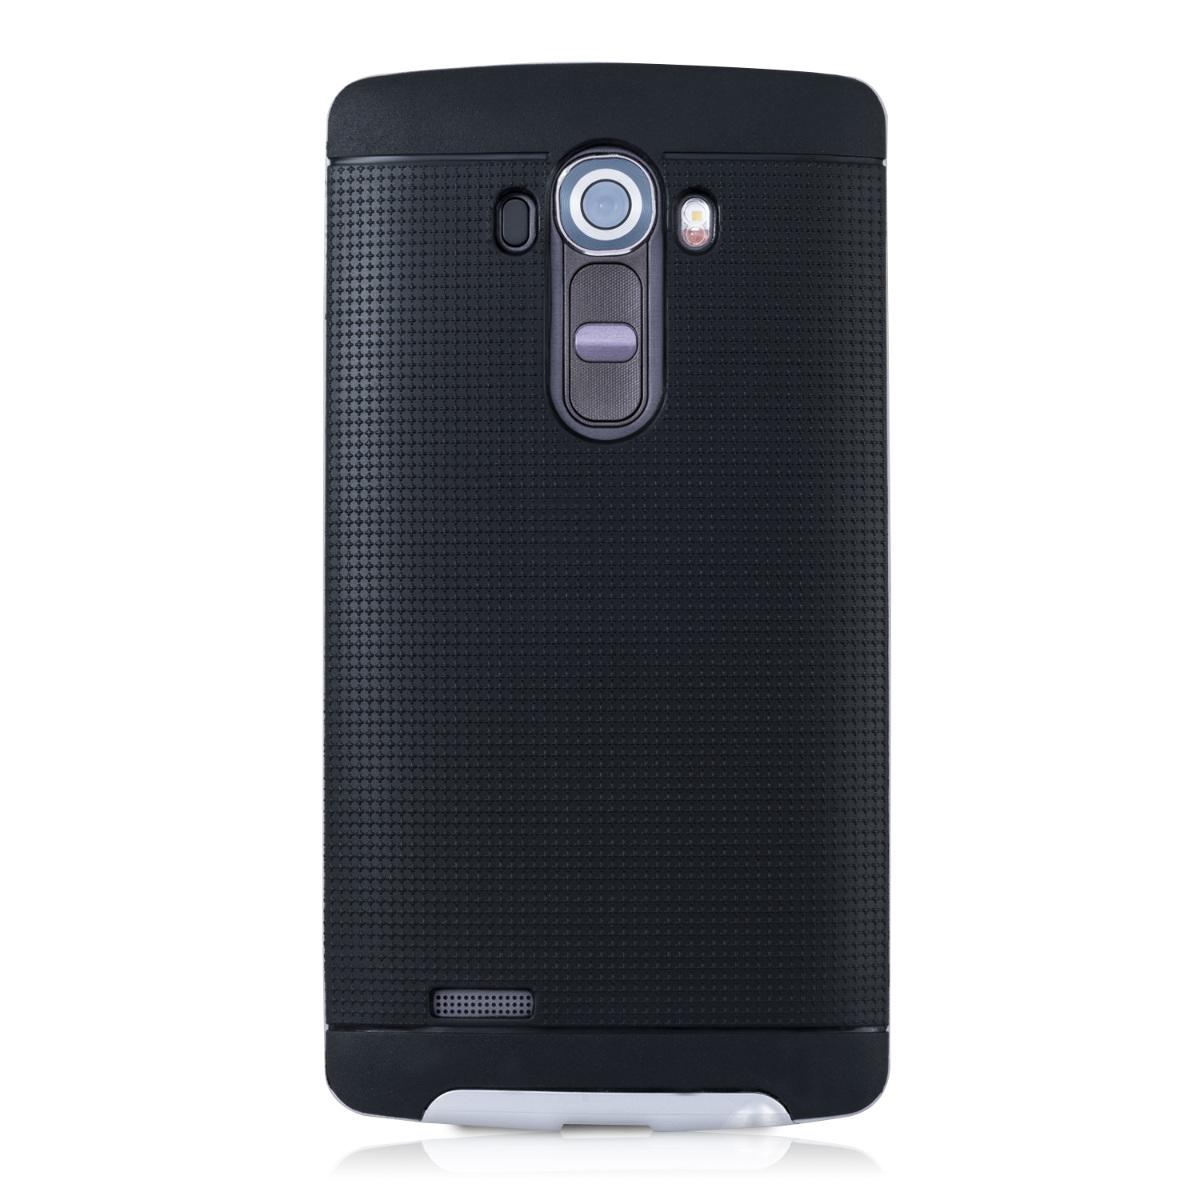 Schutz Hülle für LG G4 Schwarz Gitter Case Cover Bumper Handy Silikon Hybrid